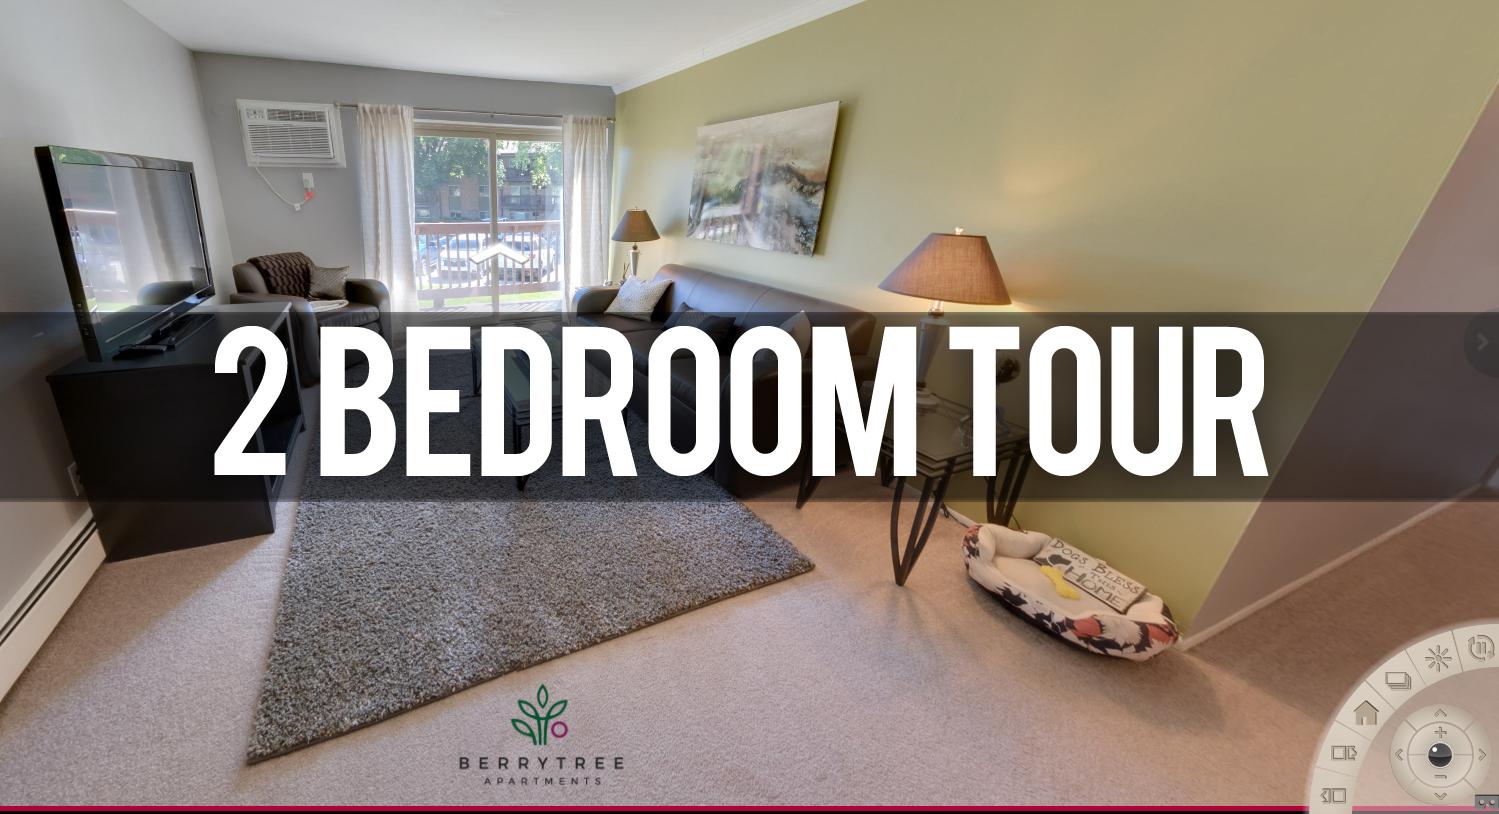 Berrytree Apartments in Okemos, MI Virtual Tour